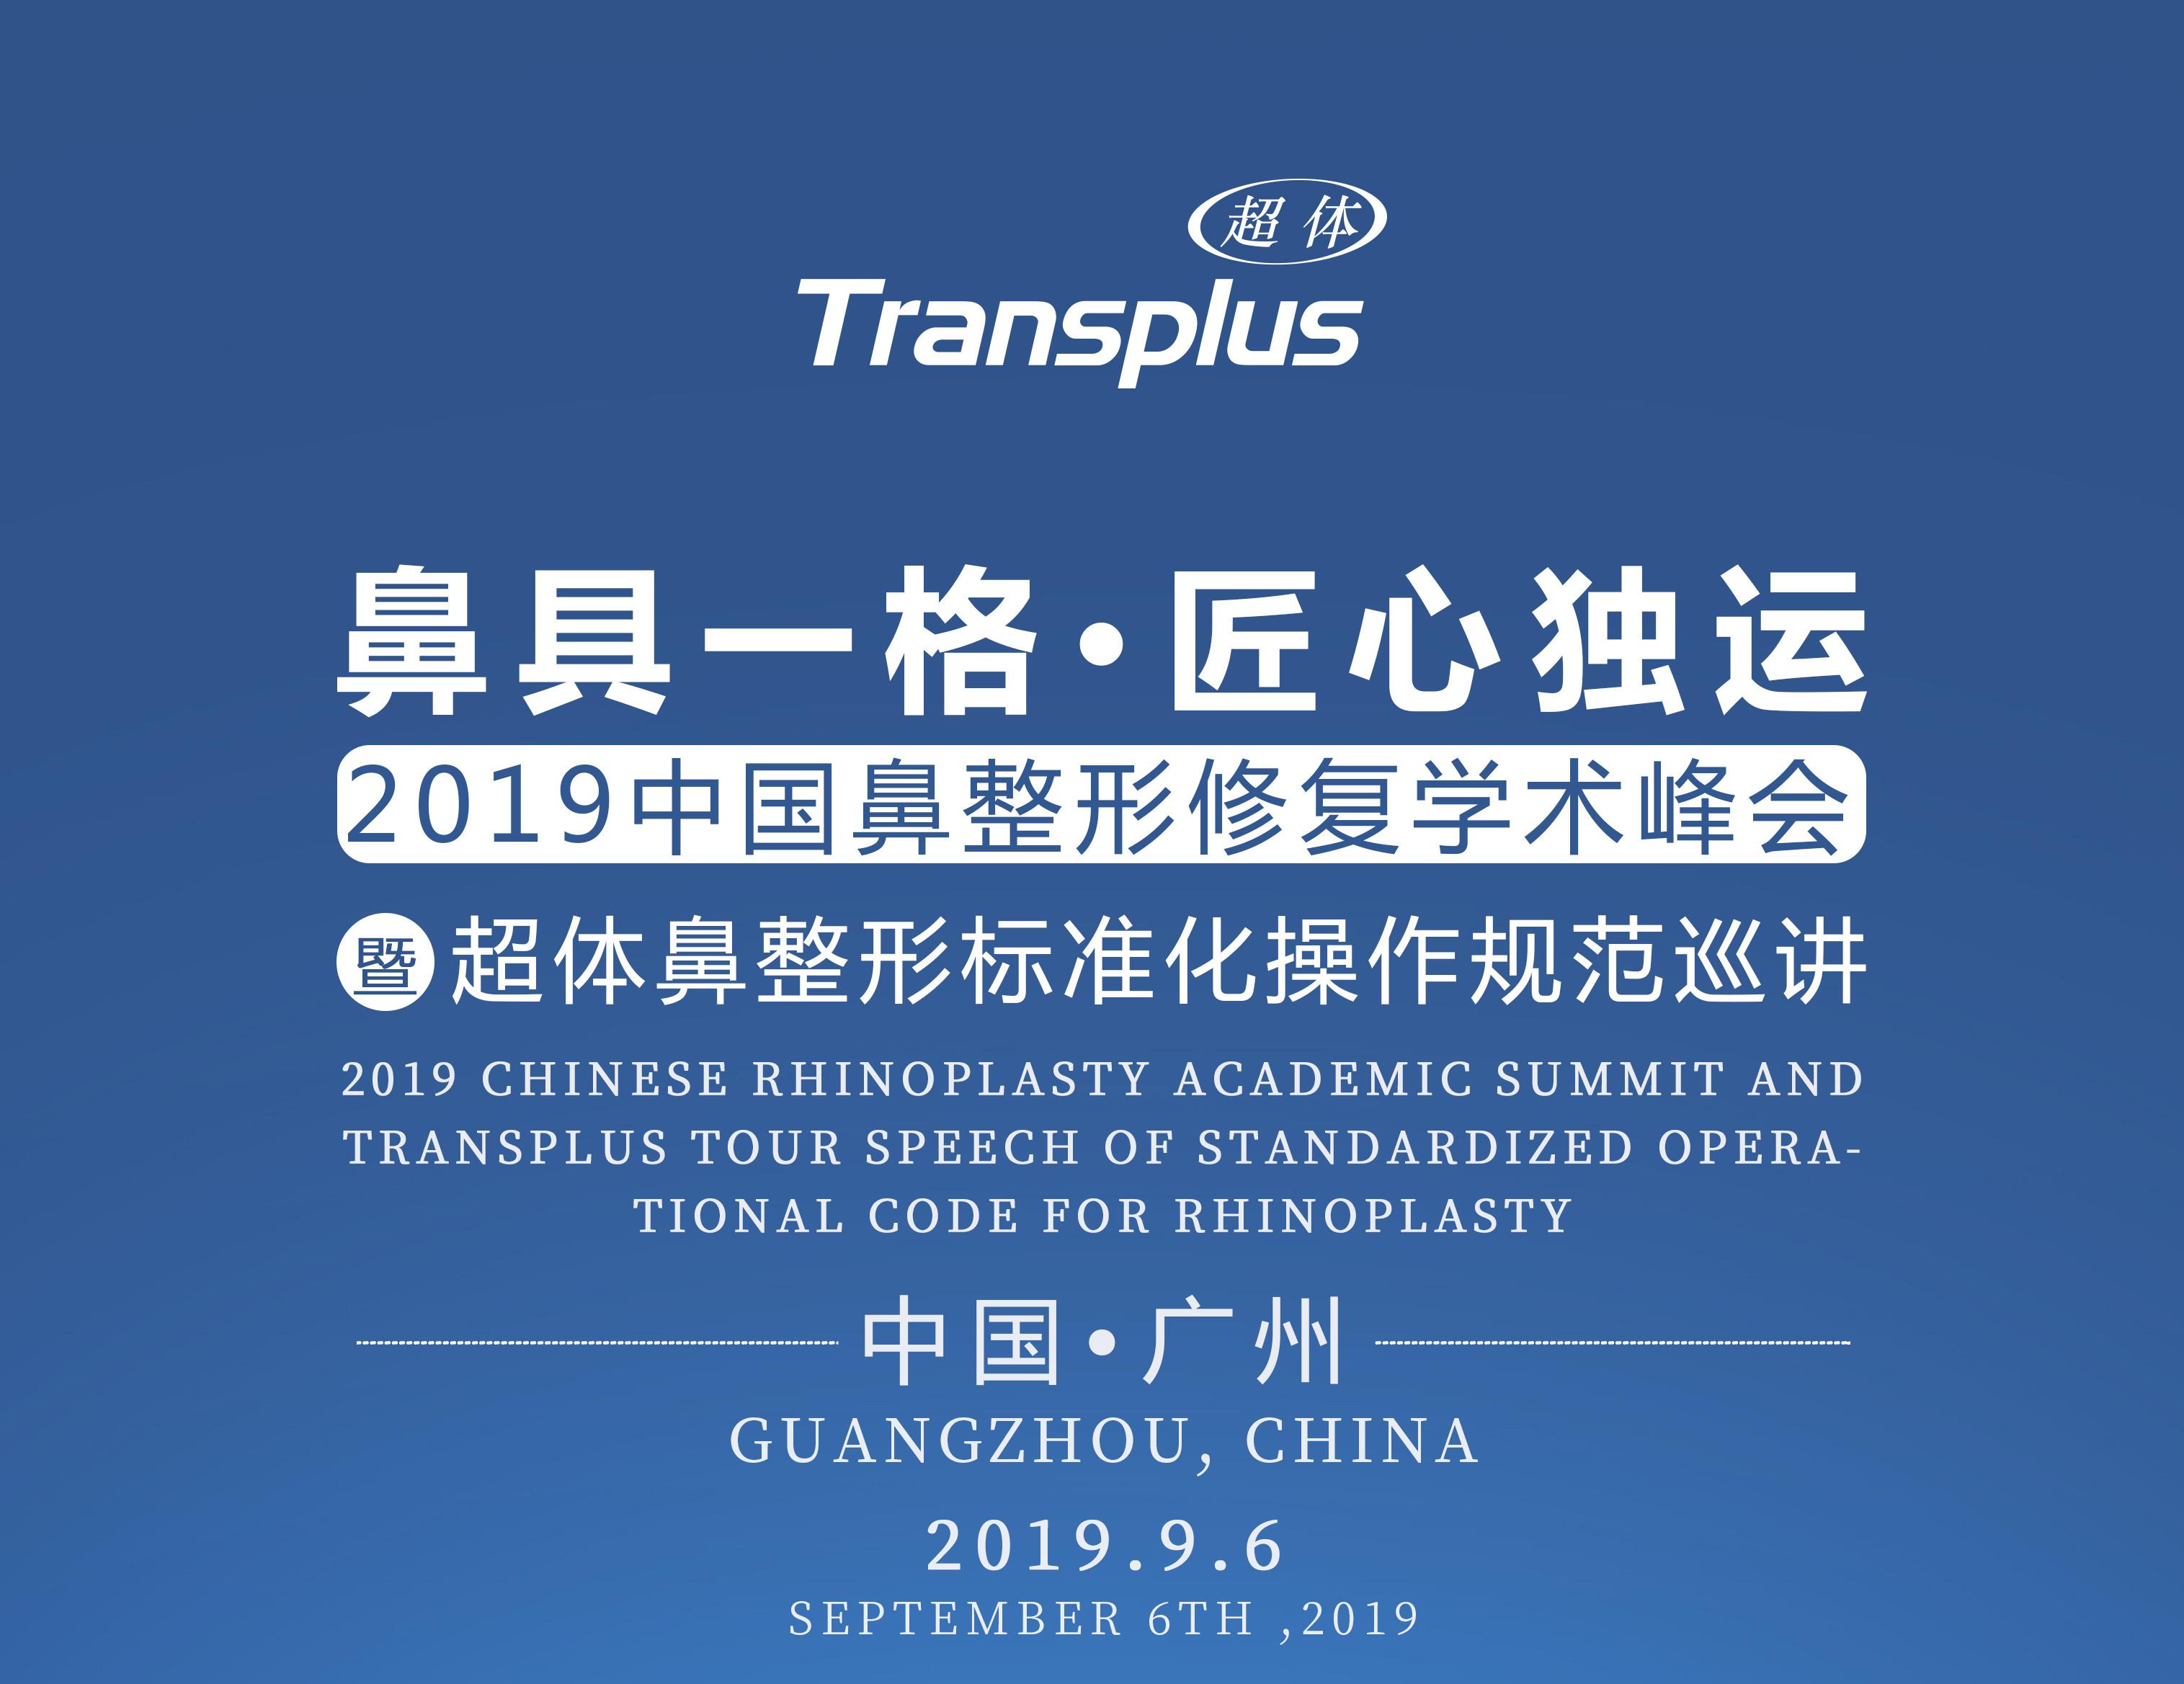 超体鼻整形标准化操作巡讲9月6日广州盛大开讲